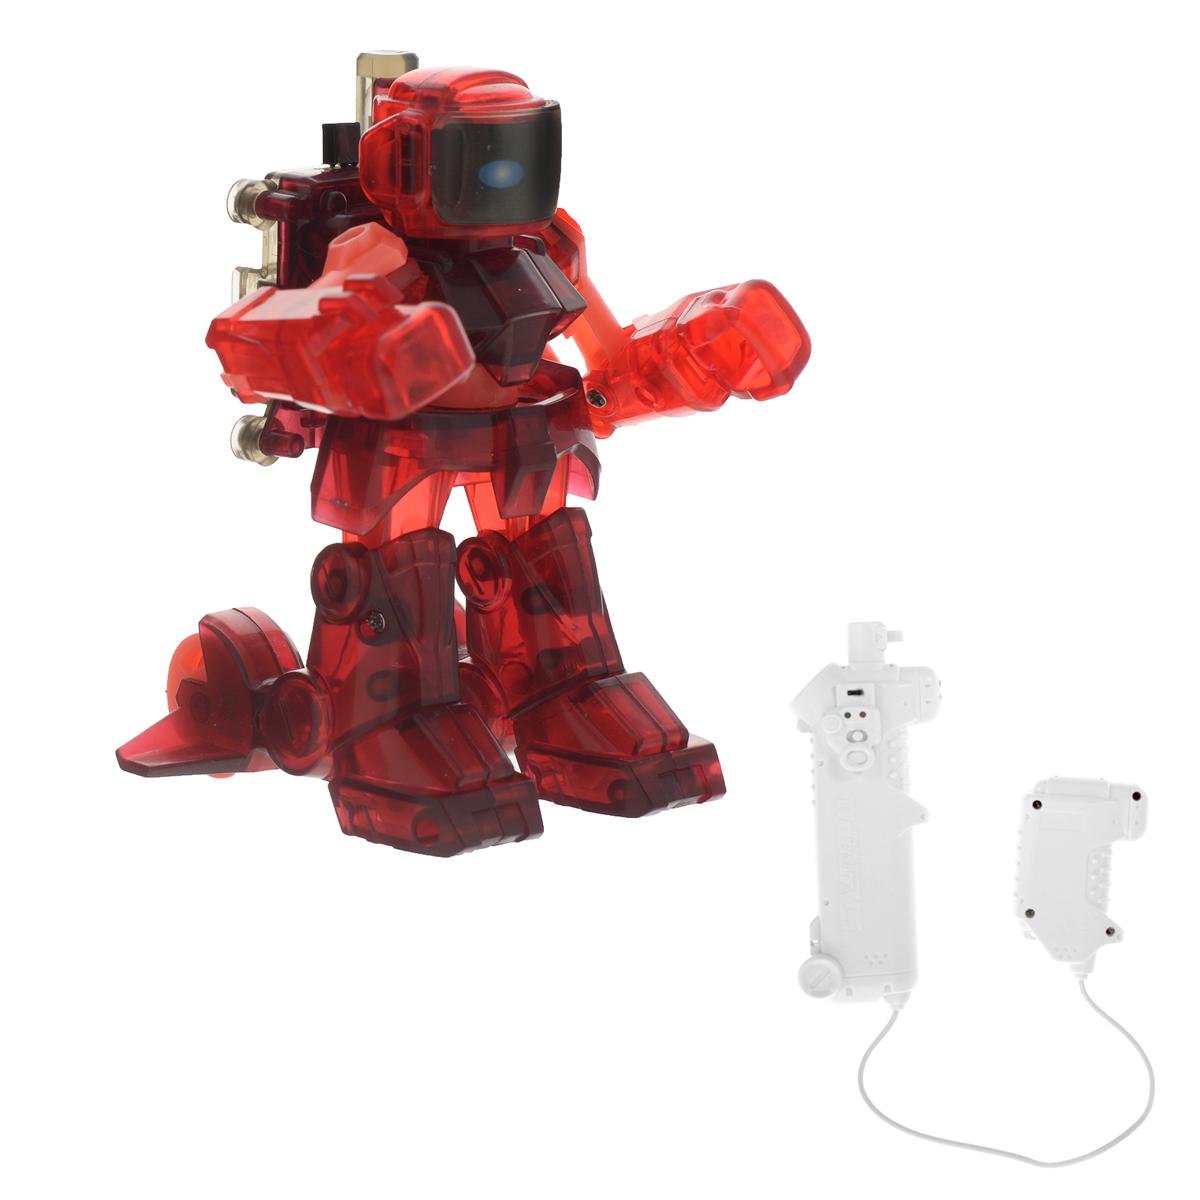 Бойцовский робот Warrior, с инфракрасным управлением, цвет: красный8001Бойцовский робот Warrior, изготовленный из безопасного пластика - это великолепная игрушка, которая понравится как детям, так и взрослым. Робот создан специально для боев. С ним вы можете демонстрировать его способности (демо режим), сражаться с другими роботами, с каждым ударом подрывая здоровье противника (режим сражения), а также гоняться за противниками (режим cалки). Робот управляется с помощью контроллера, который работает от источника инфракрасного излучения. Игрушка оборудована встроенным аккумулятором. В комплект входит лист с наклейками для оформления робота. Контроллер работает от 4 батареек типа AA (в комплект не входят). Дальность действия контроллера: до 5 м. Зарядка игрушки сохраняется: 25 минут.